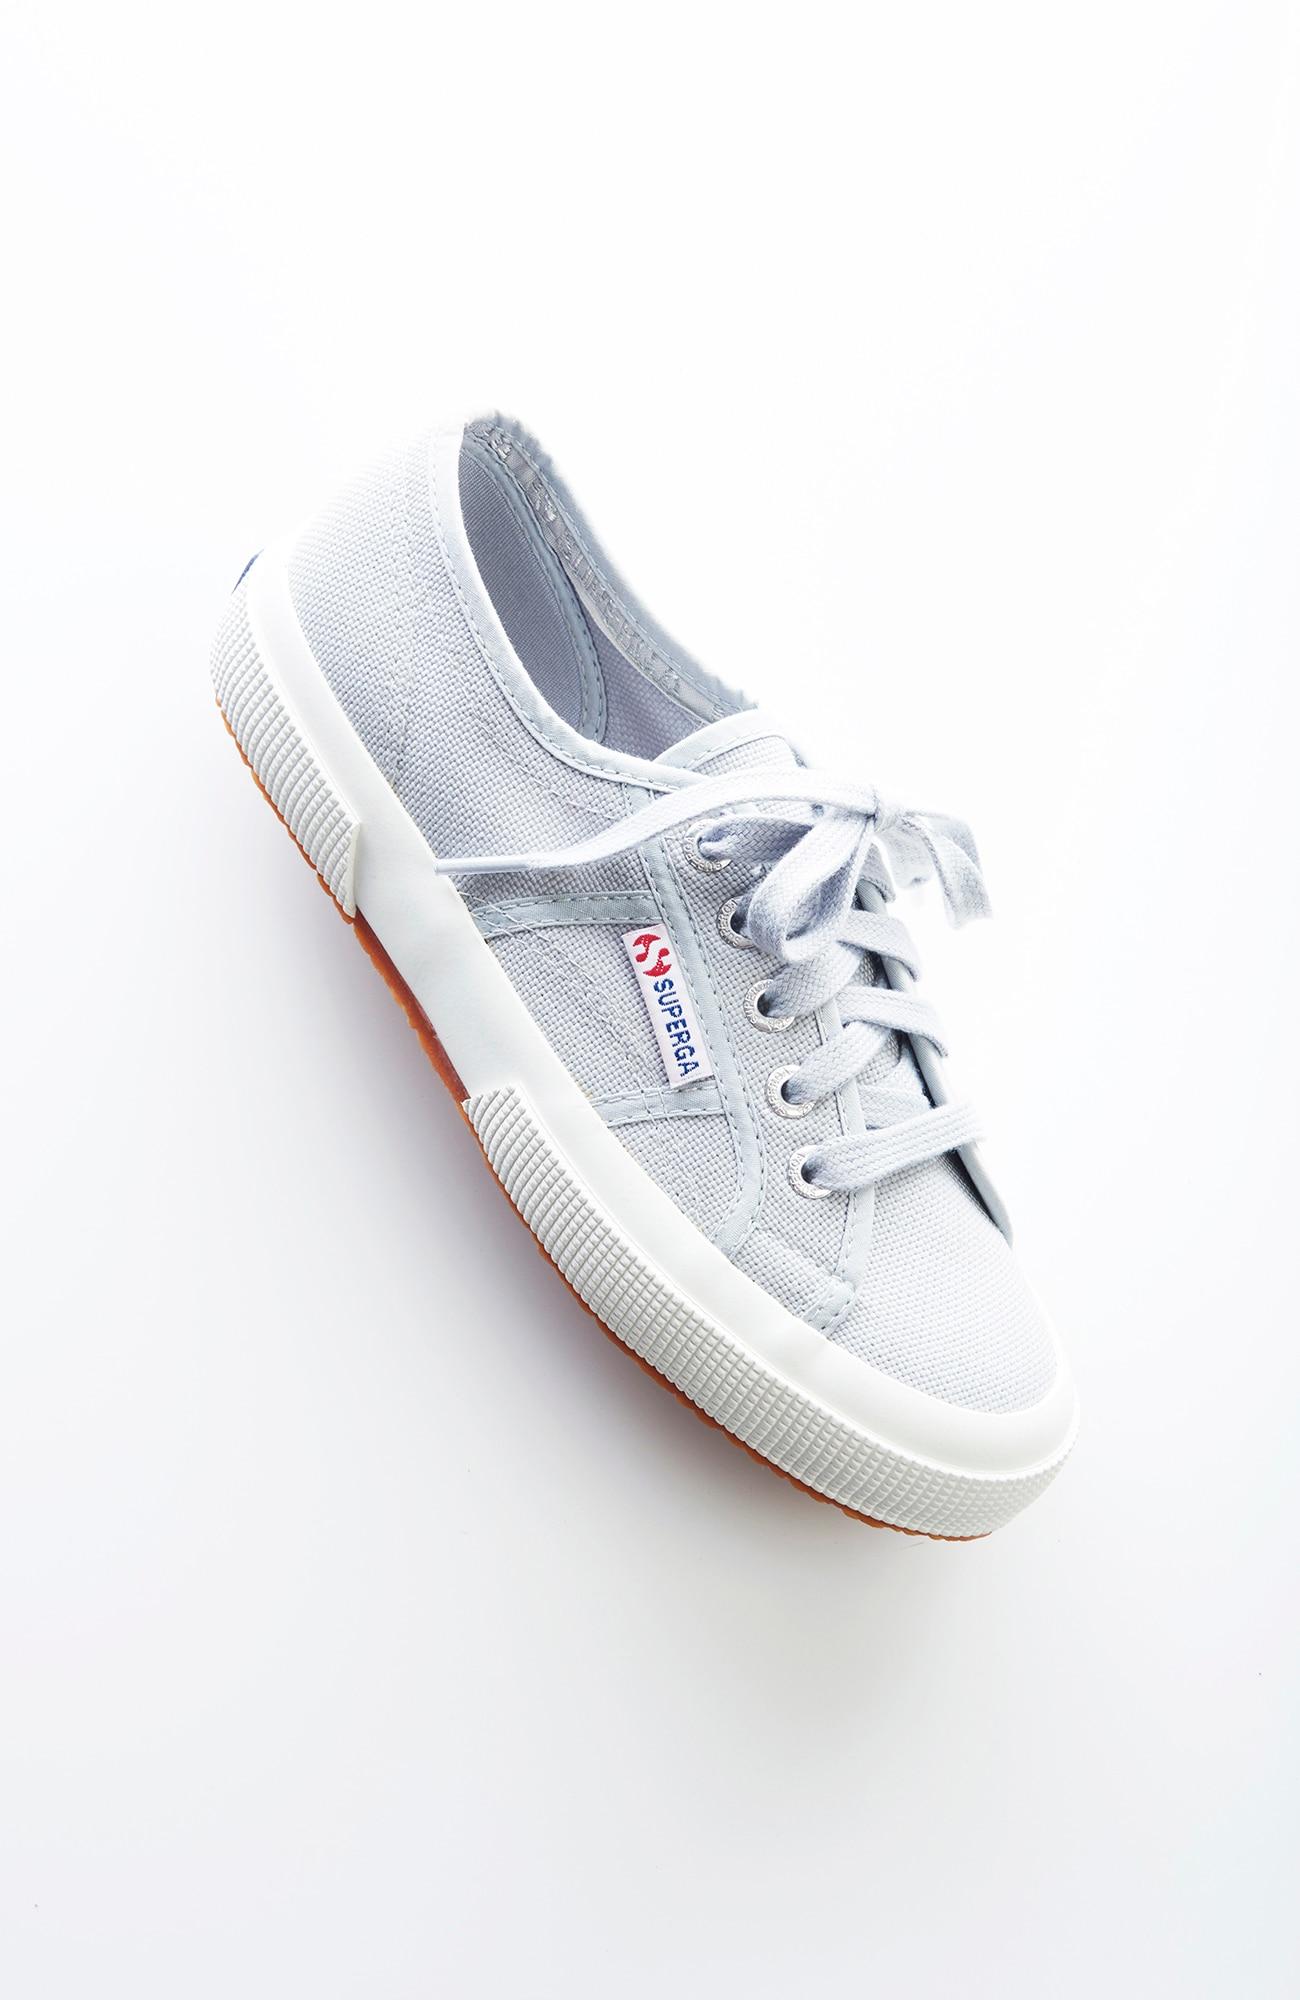 Superga® classic sneakers